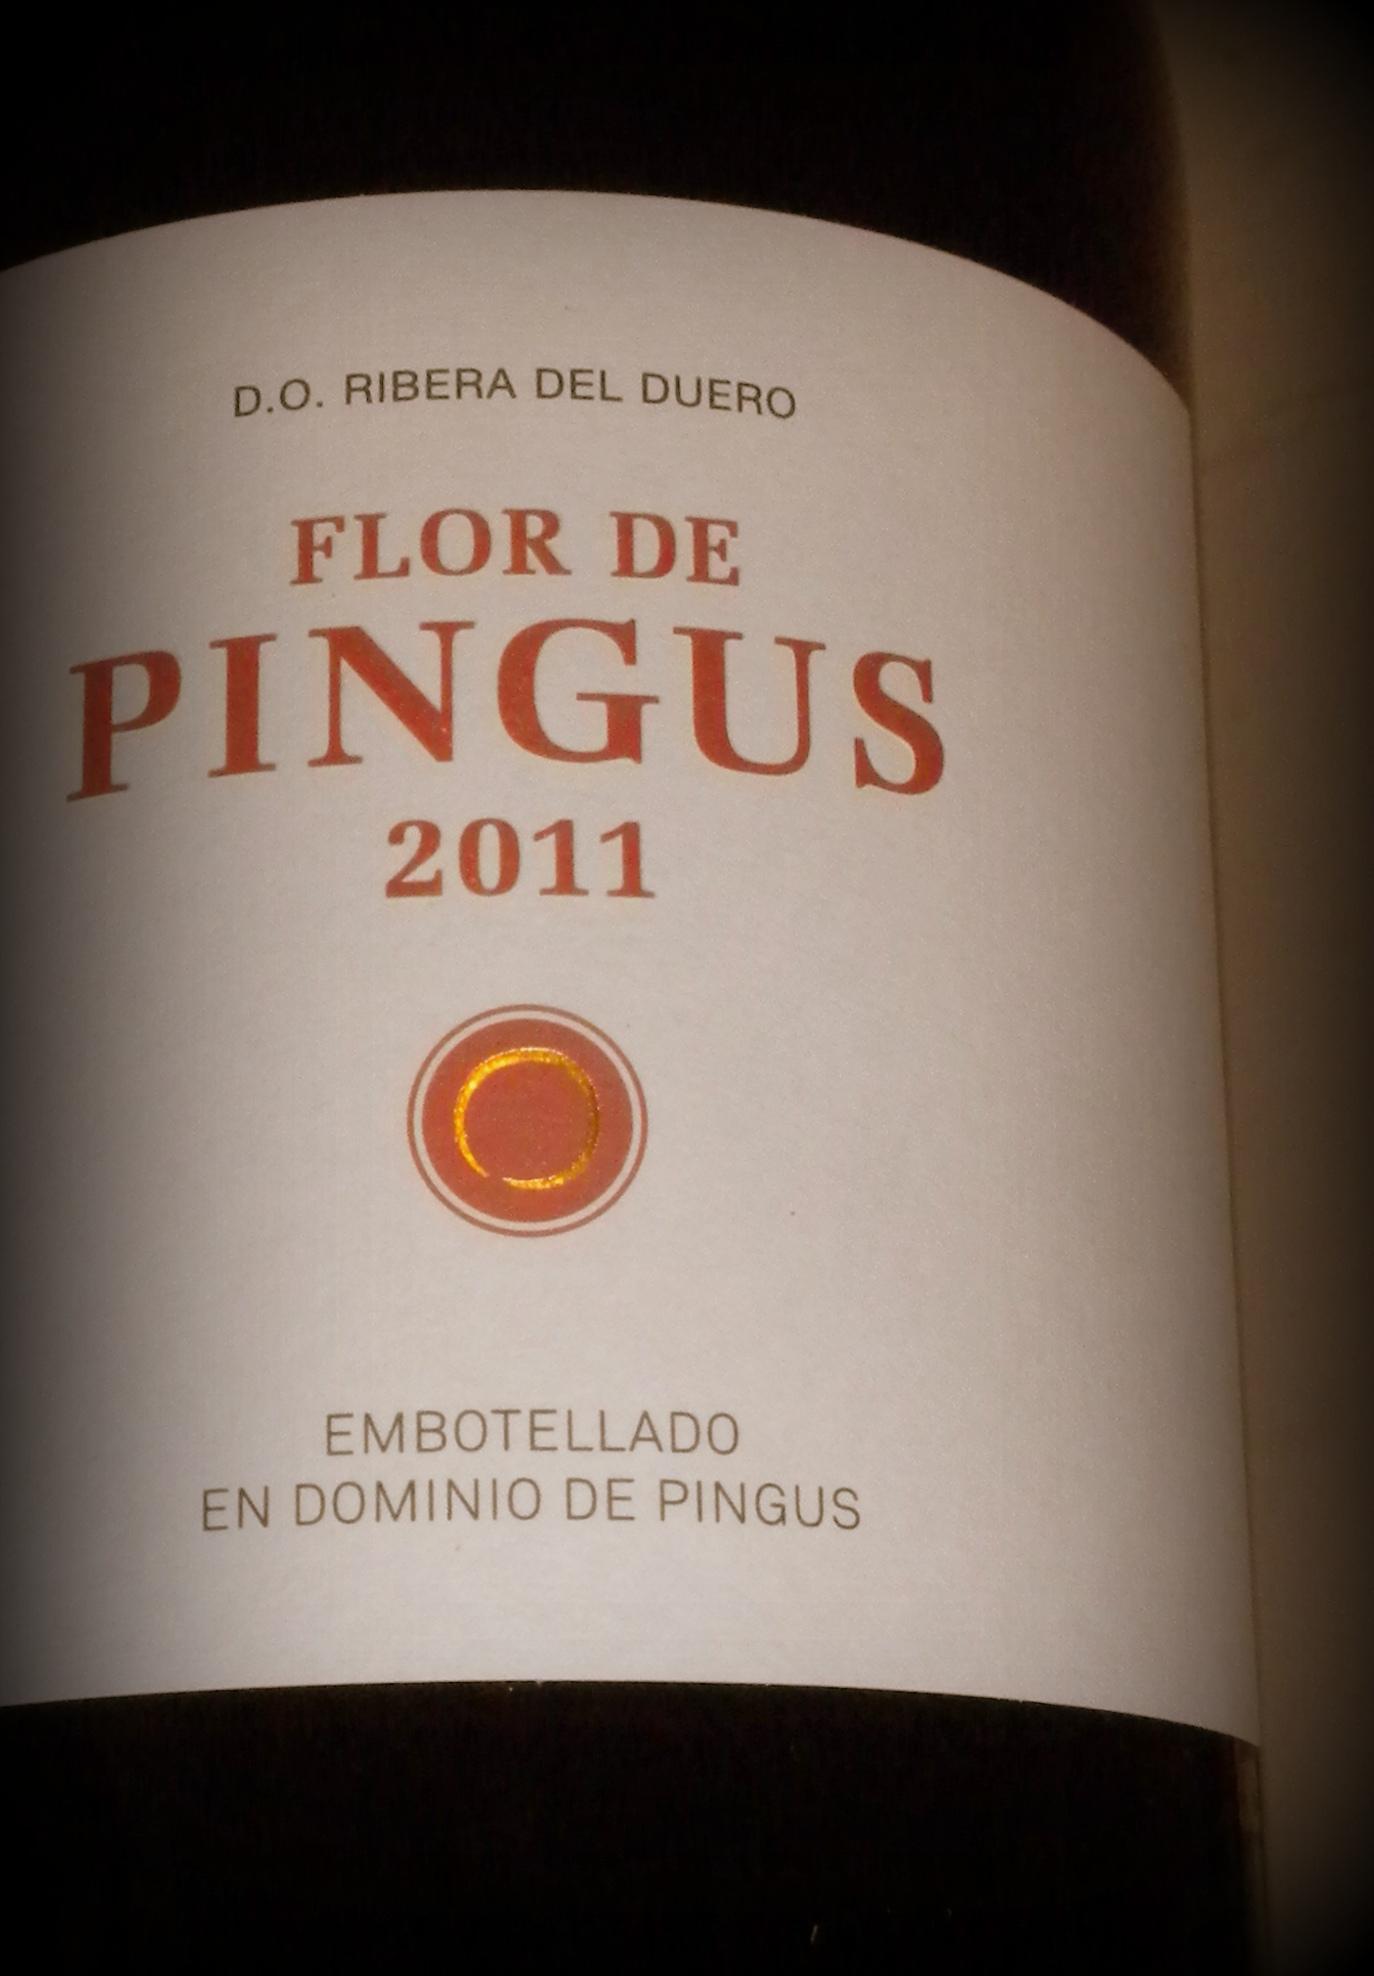 Flor de Pingus